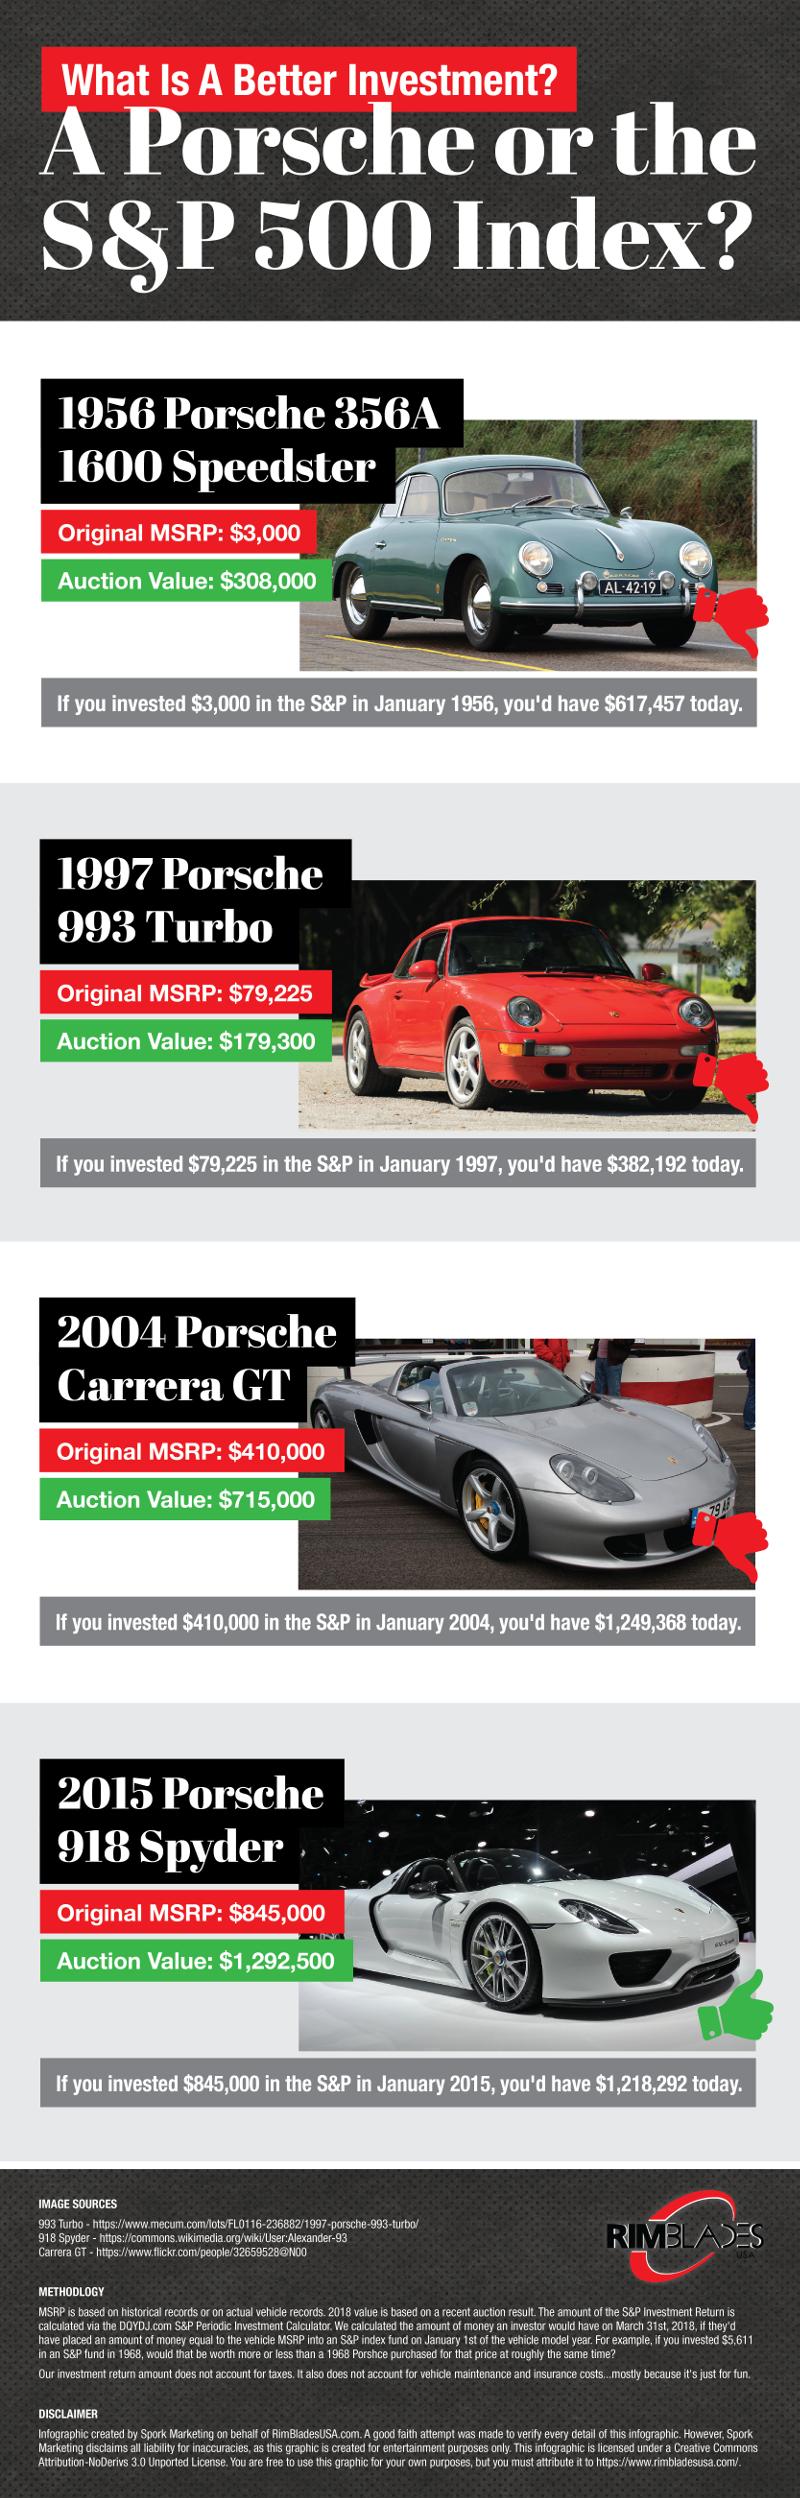 Porsche investment